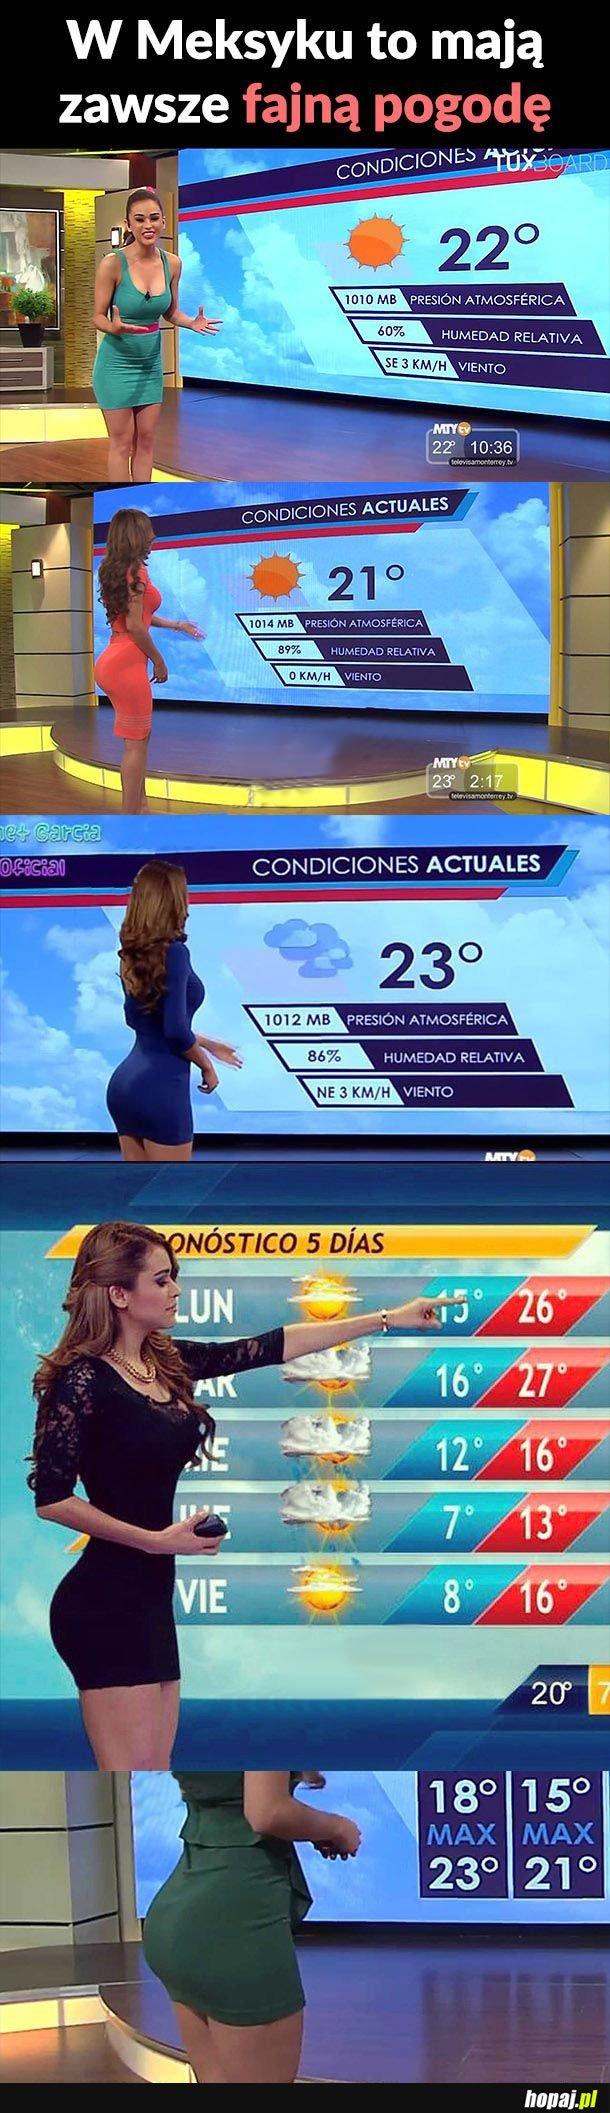 W Meksyku to mają zawsze fajną pogodę